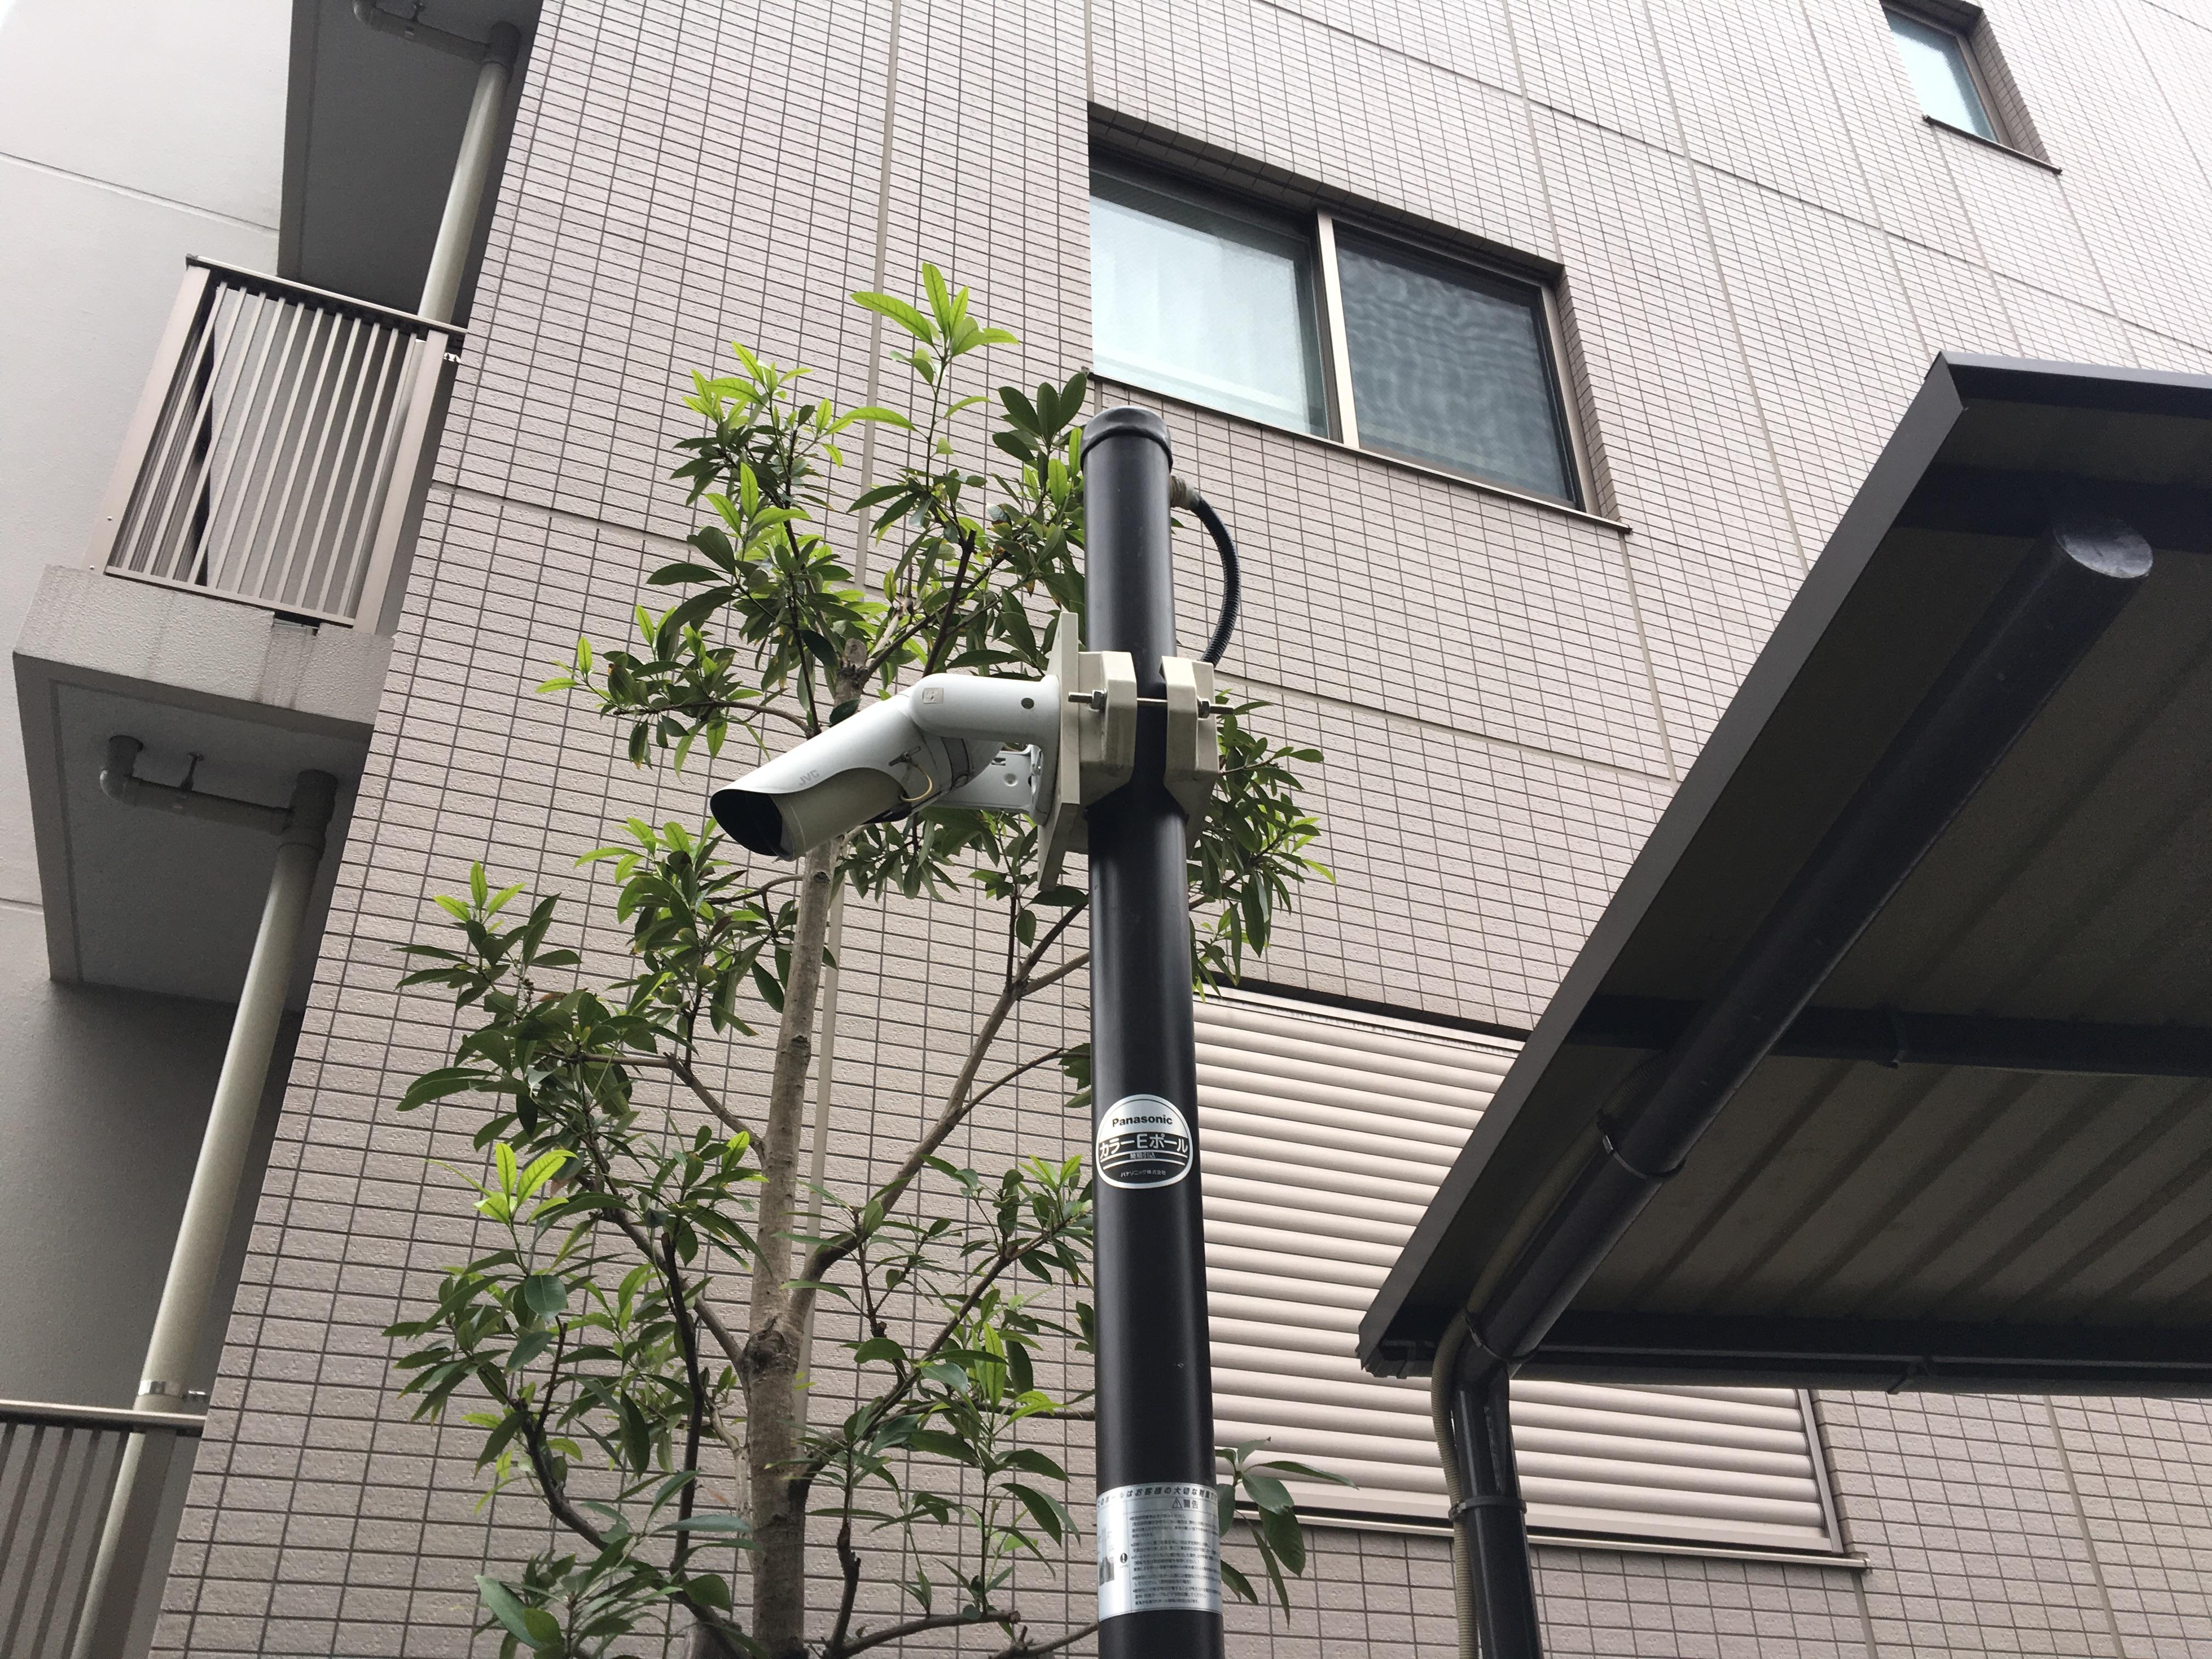 板橋区 分譲マンション 防犯カメラ入替